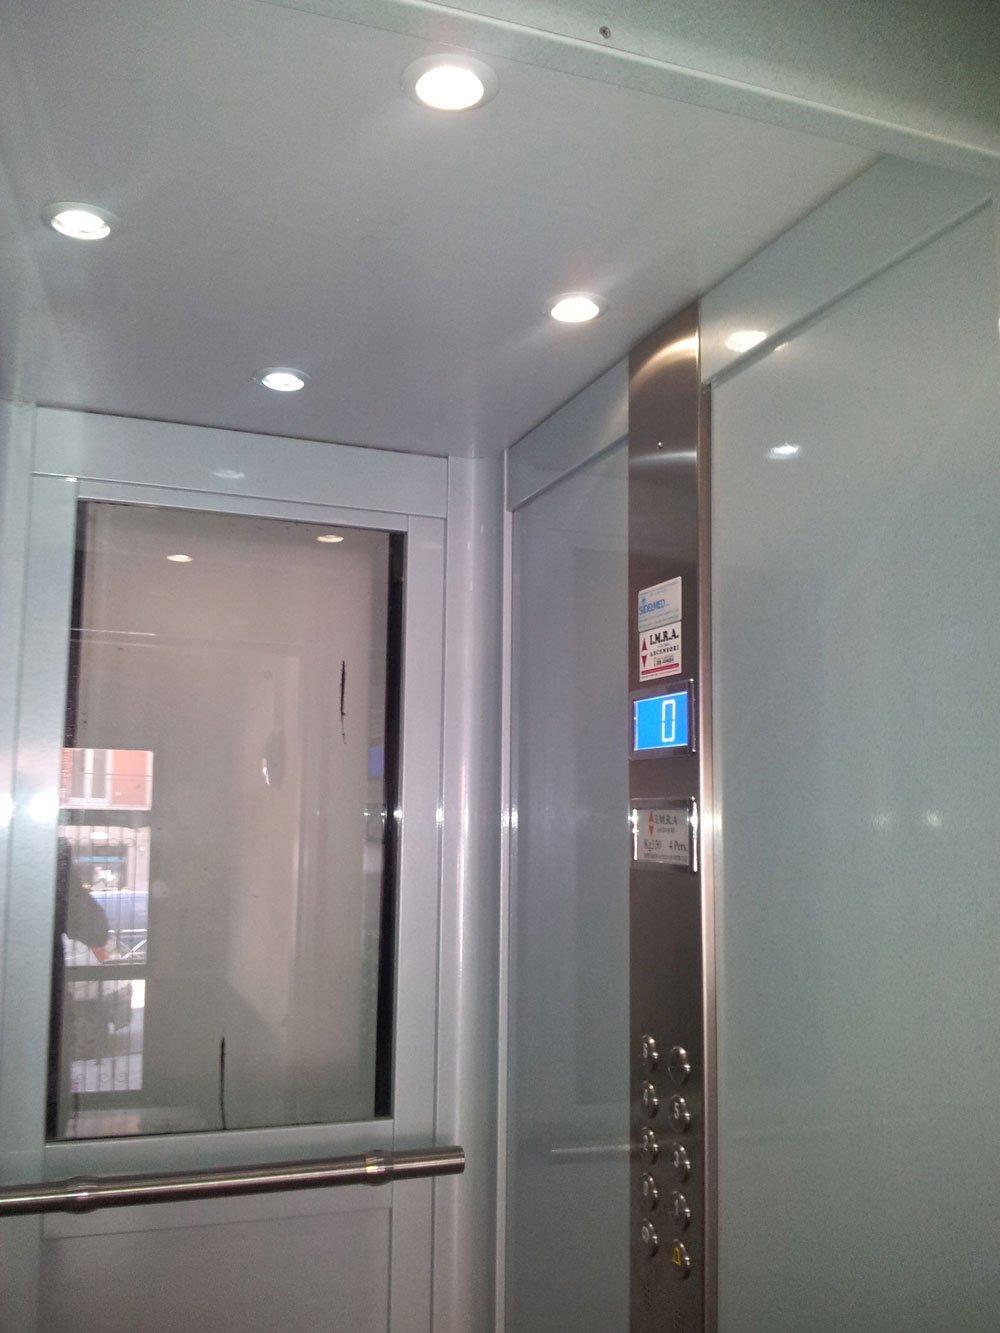 interno di un ascensore con uno specchio di fronte e sulla destra i tasti e uno schermo azzurro